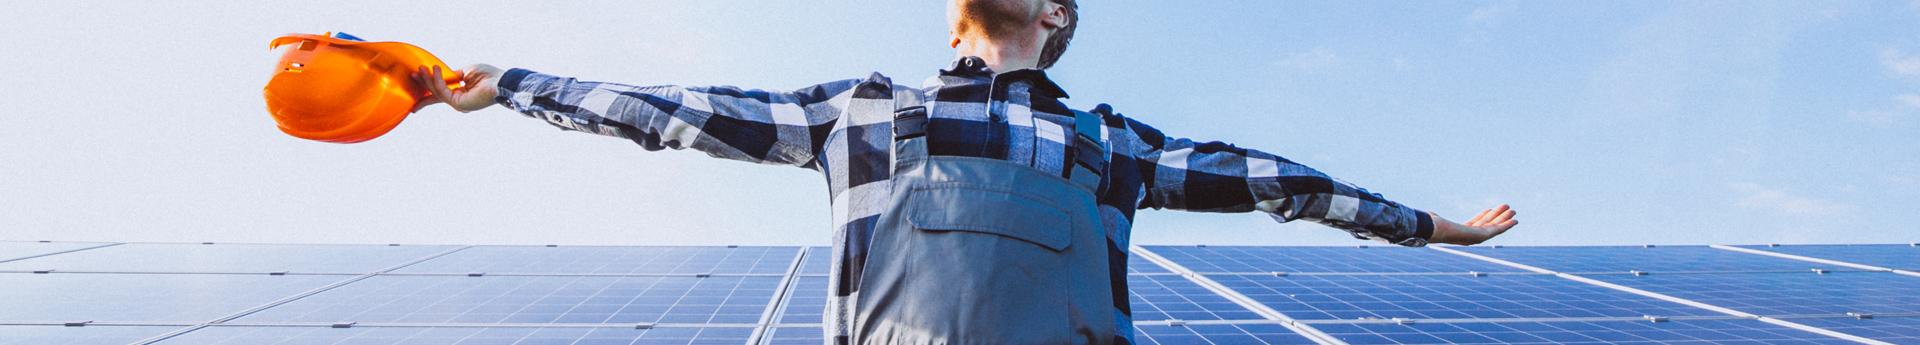 Network installatori fotovoltaico solare termico